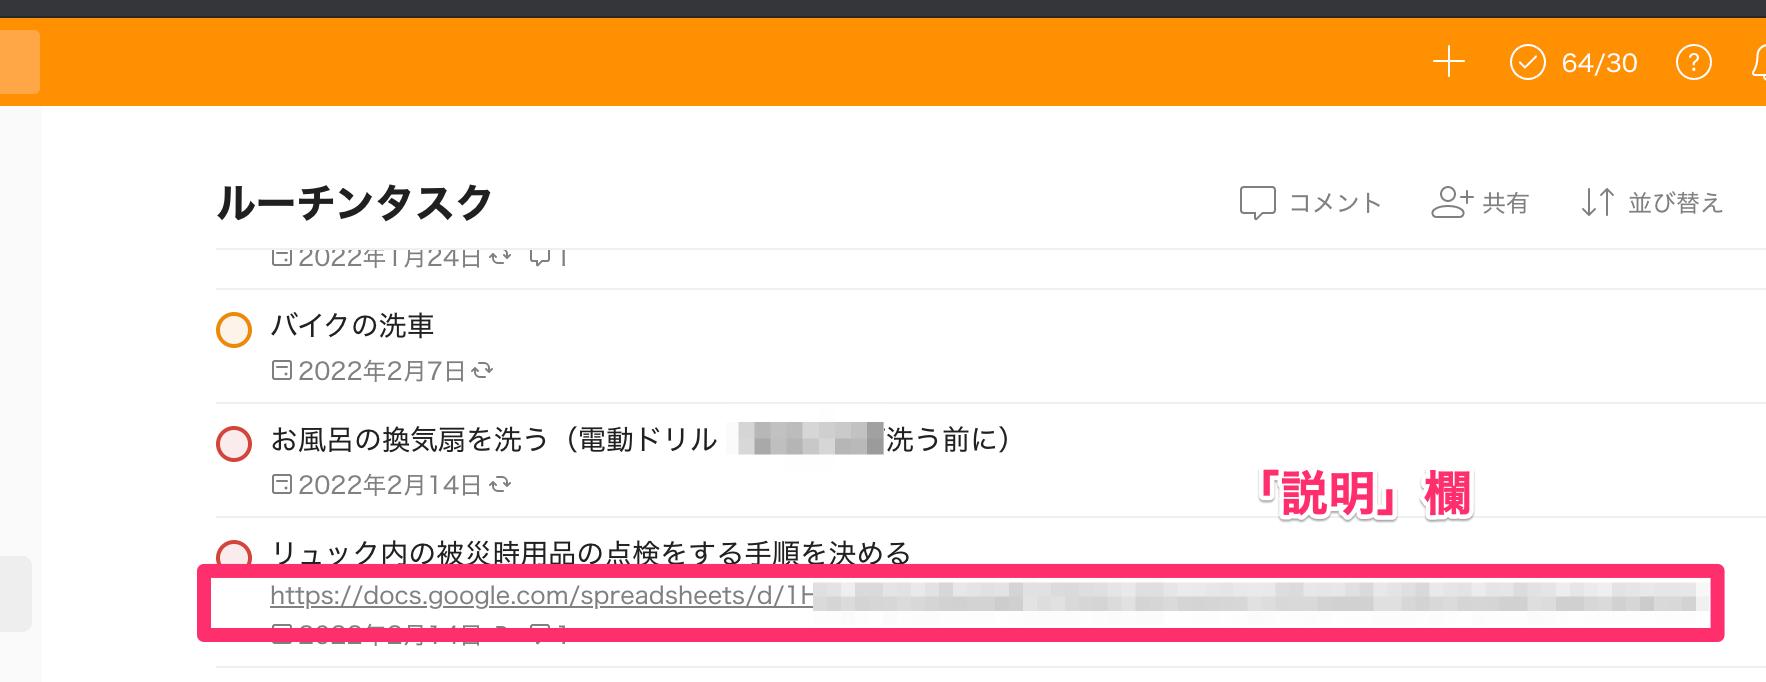 タスク管理アプリ「Todoist」に追加された説明機能はすごくいいぞ